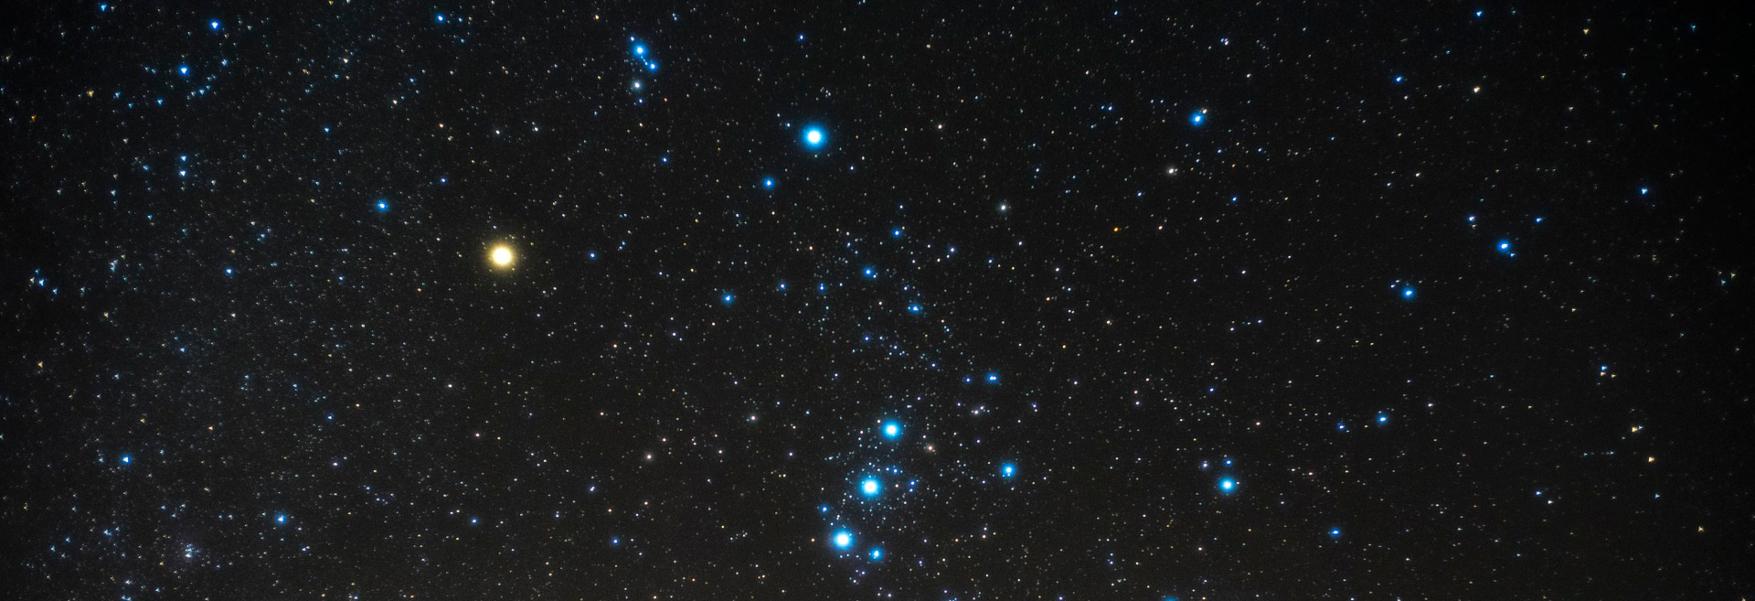 Mapa Del Cielo Nocturno Hoy.Los Colores De Las Estrellas Y El Mapa Del Tesoro Del Cielo